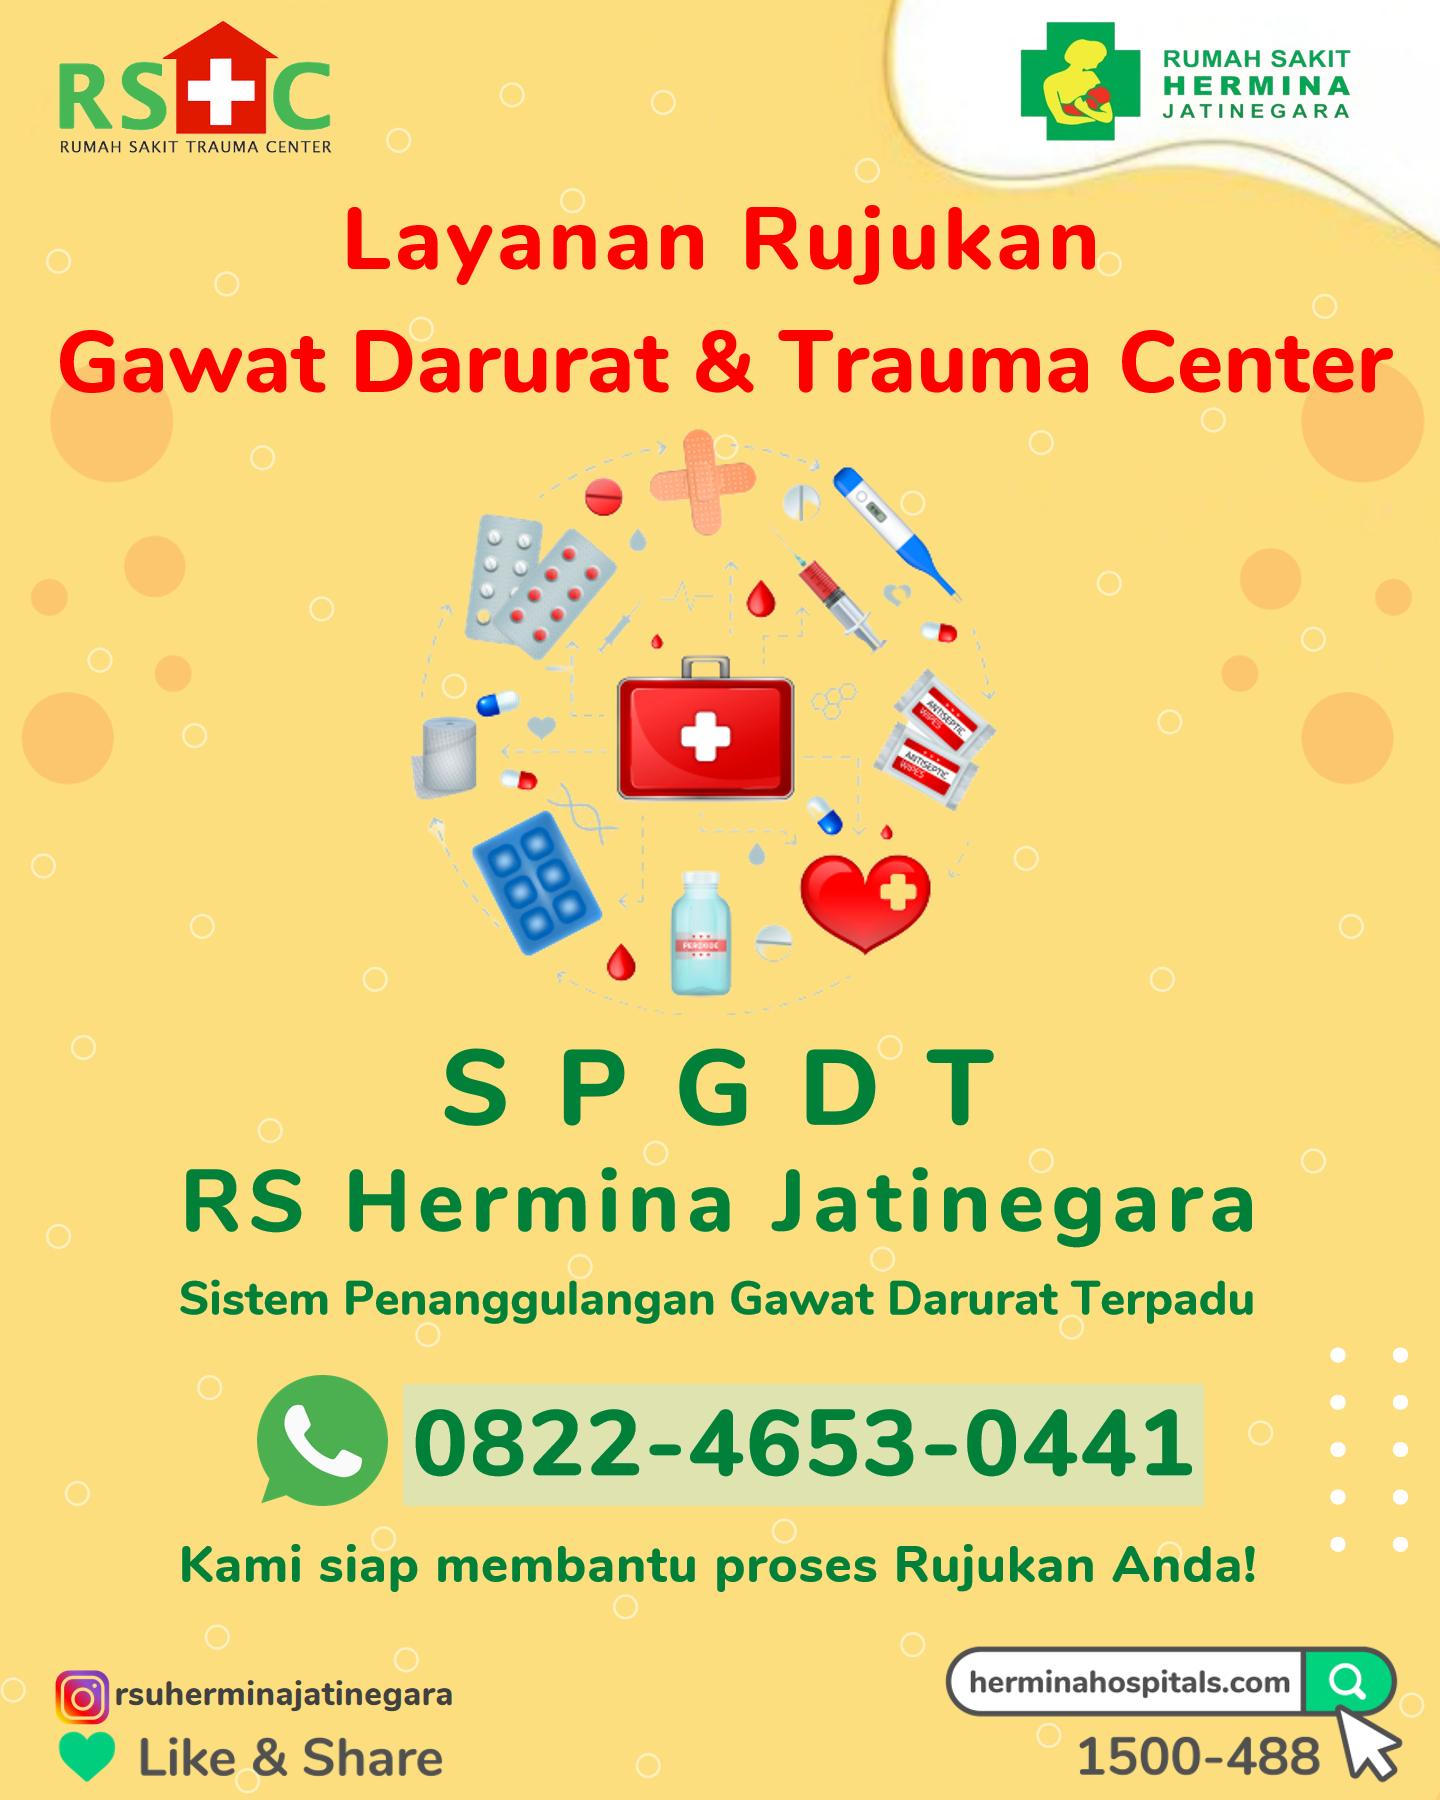 Sistem Penanggulangan Gawat Darurat Terpadu RS Hermina Jatinegara